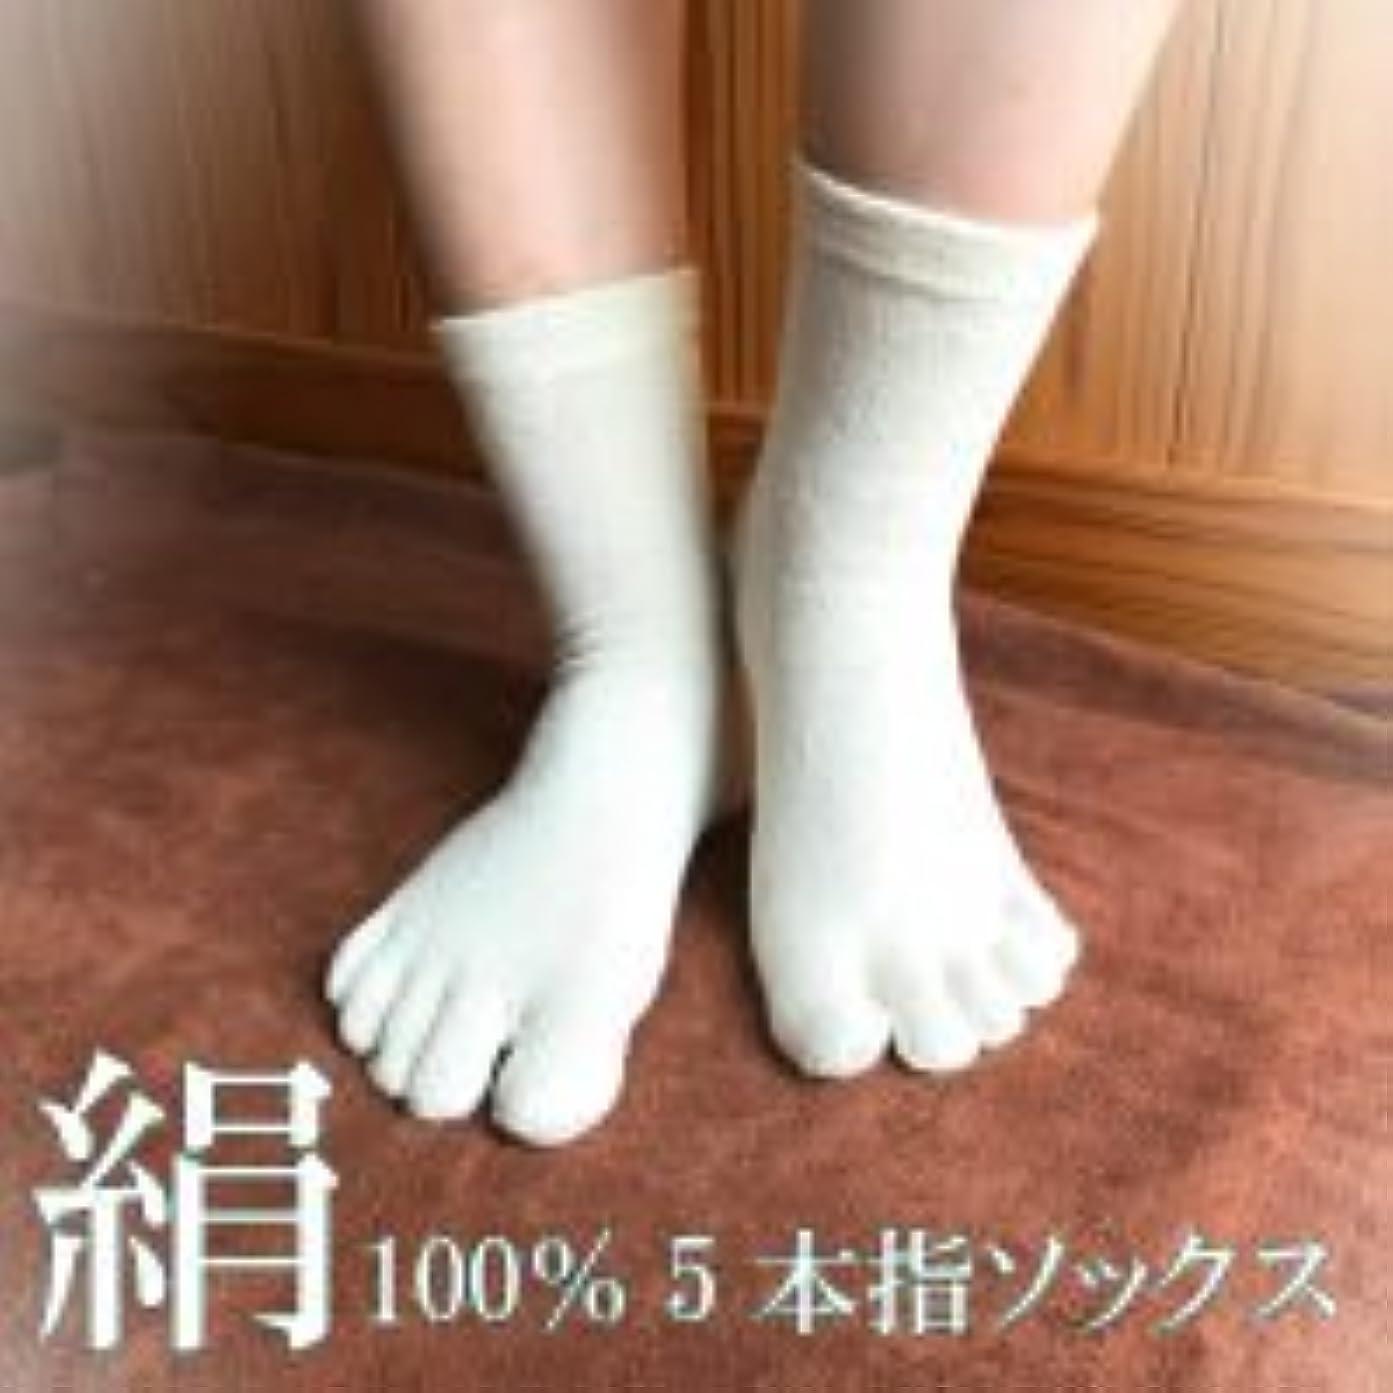 お祝い軽蔑する生理絹100%5本指ソックス (フリー, 白)